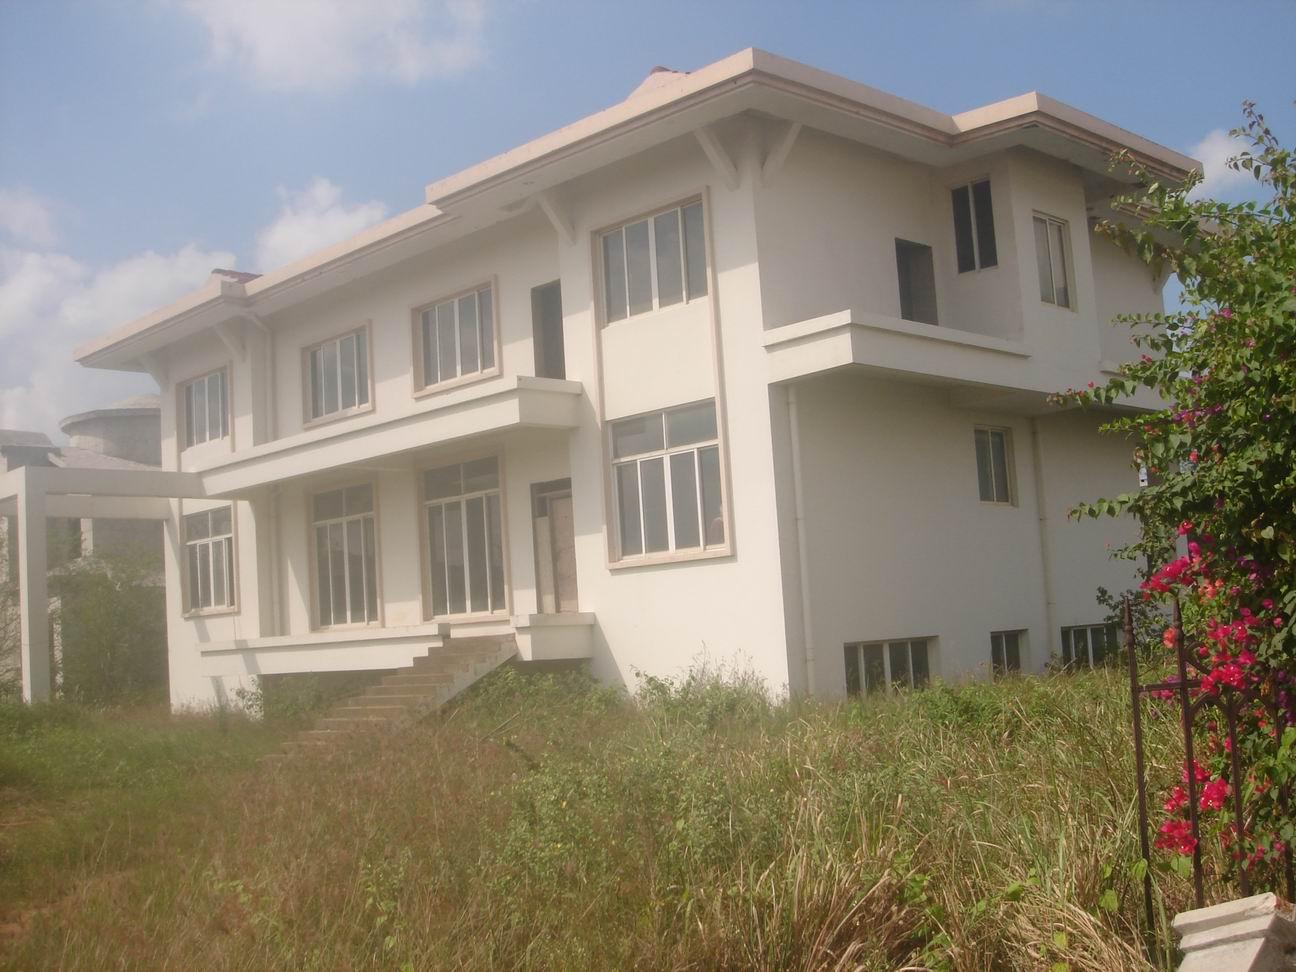 老城盈滨半岛别墅及海口市滨海路17号一套46.5平方米房产拍卖招商公告